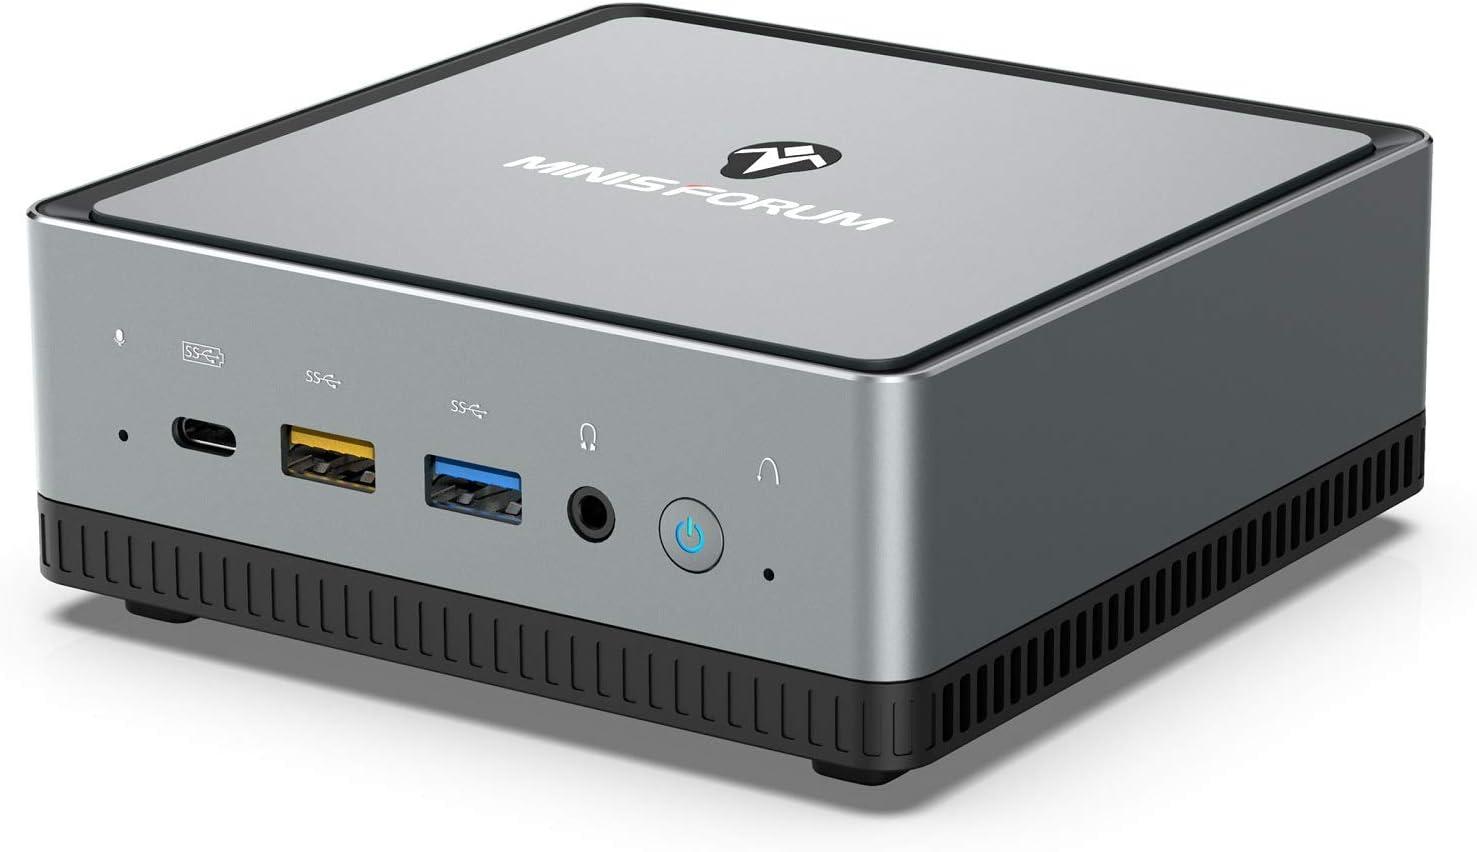 Mini PC AMD Ryzen 5 Pro 2500U | 16 GB RAM 512 GB M.2 SSD | Radeon Vega 8 Graphics | Windows 10 Pro | Intel WIFI6 AX200 BT 5.1 | 4K HDMI 2.0 Display USB-C | 2X RJ45 | 4X USB 3.1| Pequeño Formato